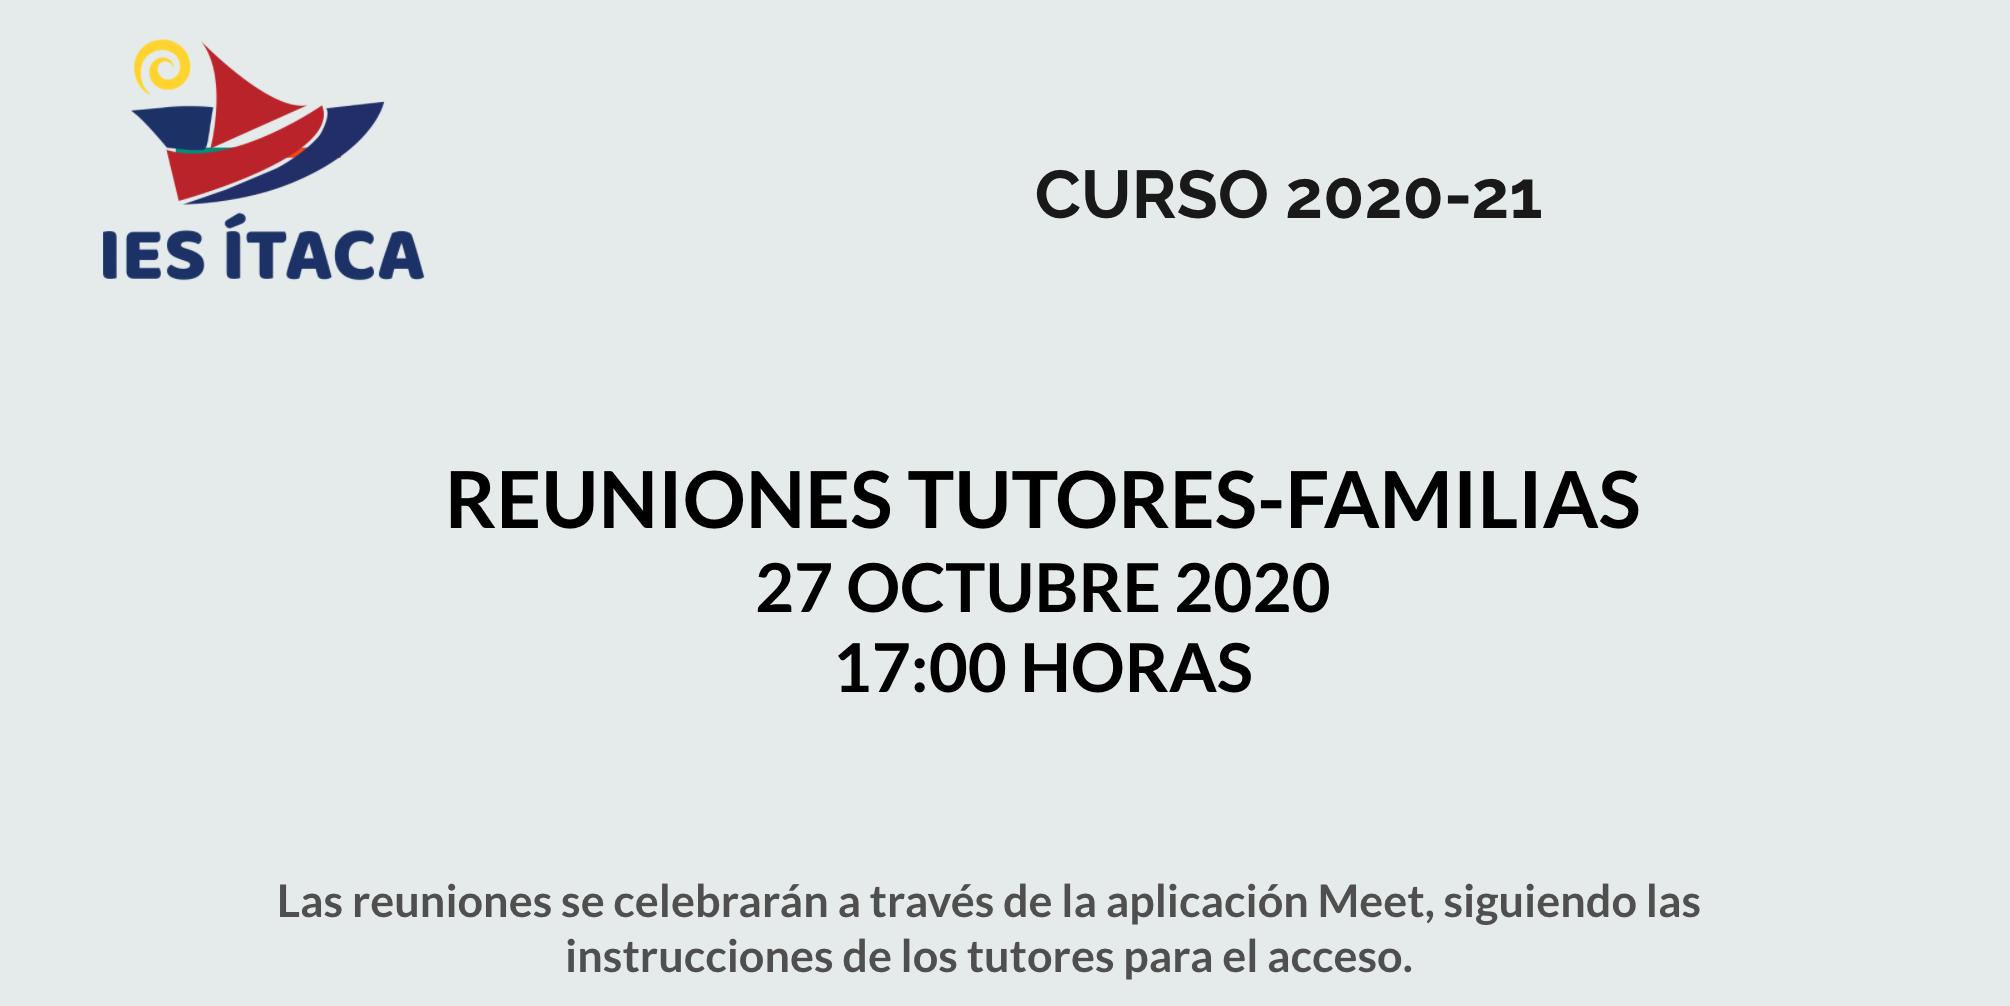 REUNIONES TUTORES-FAMILIAS